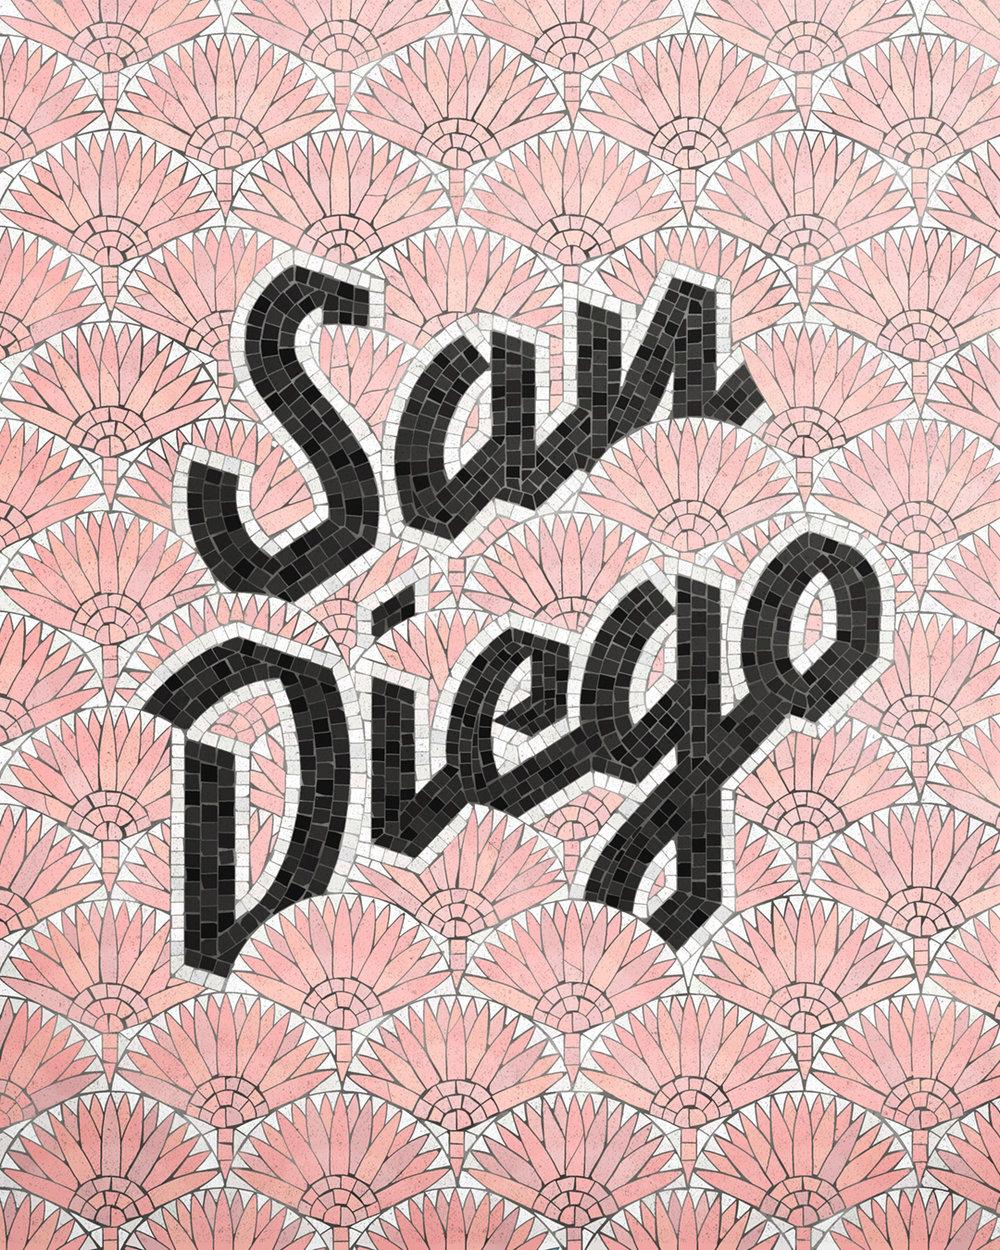 San_Diego_test2.jpg